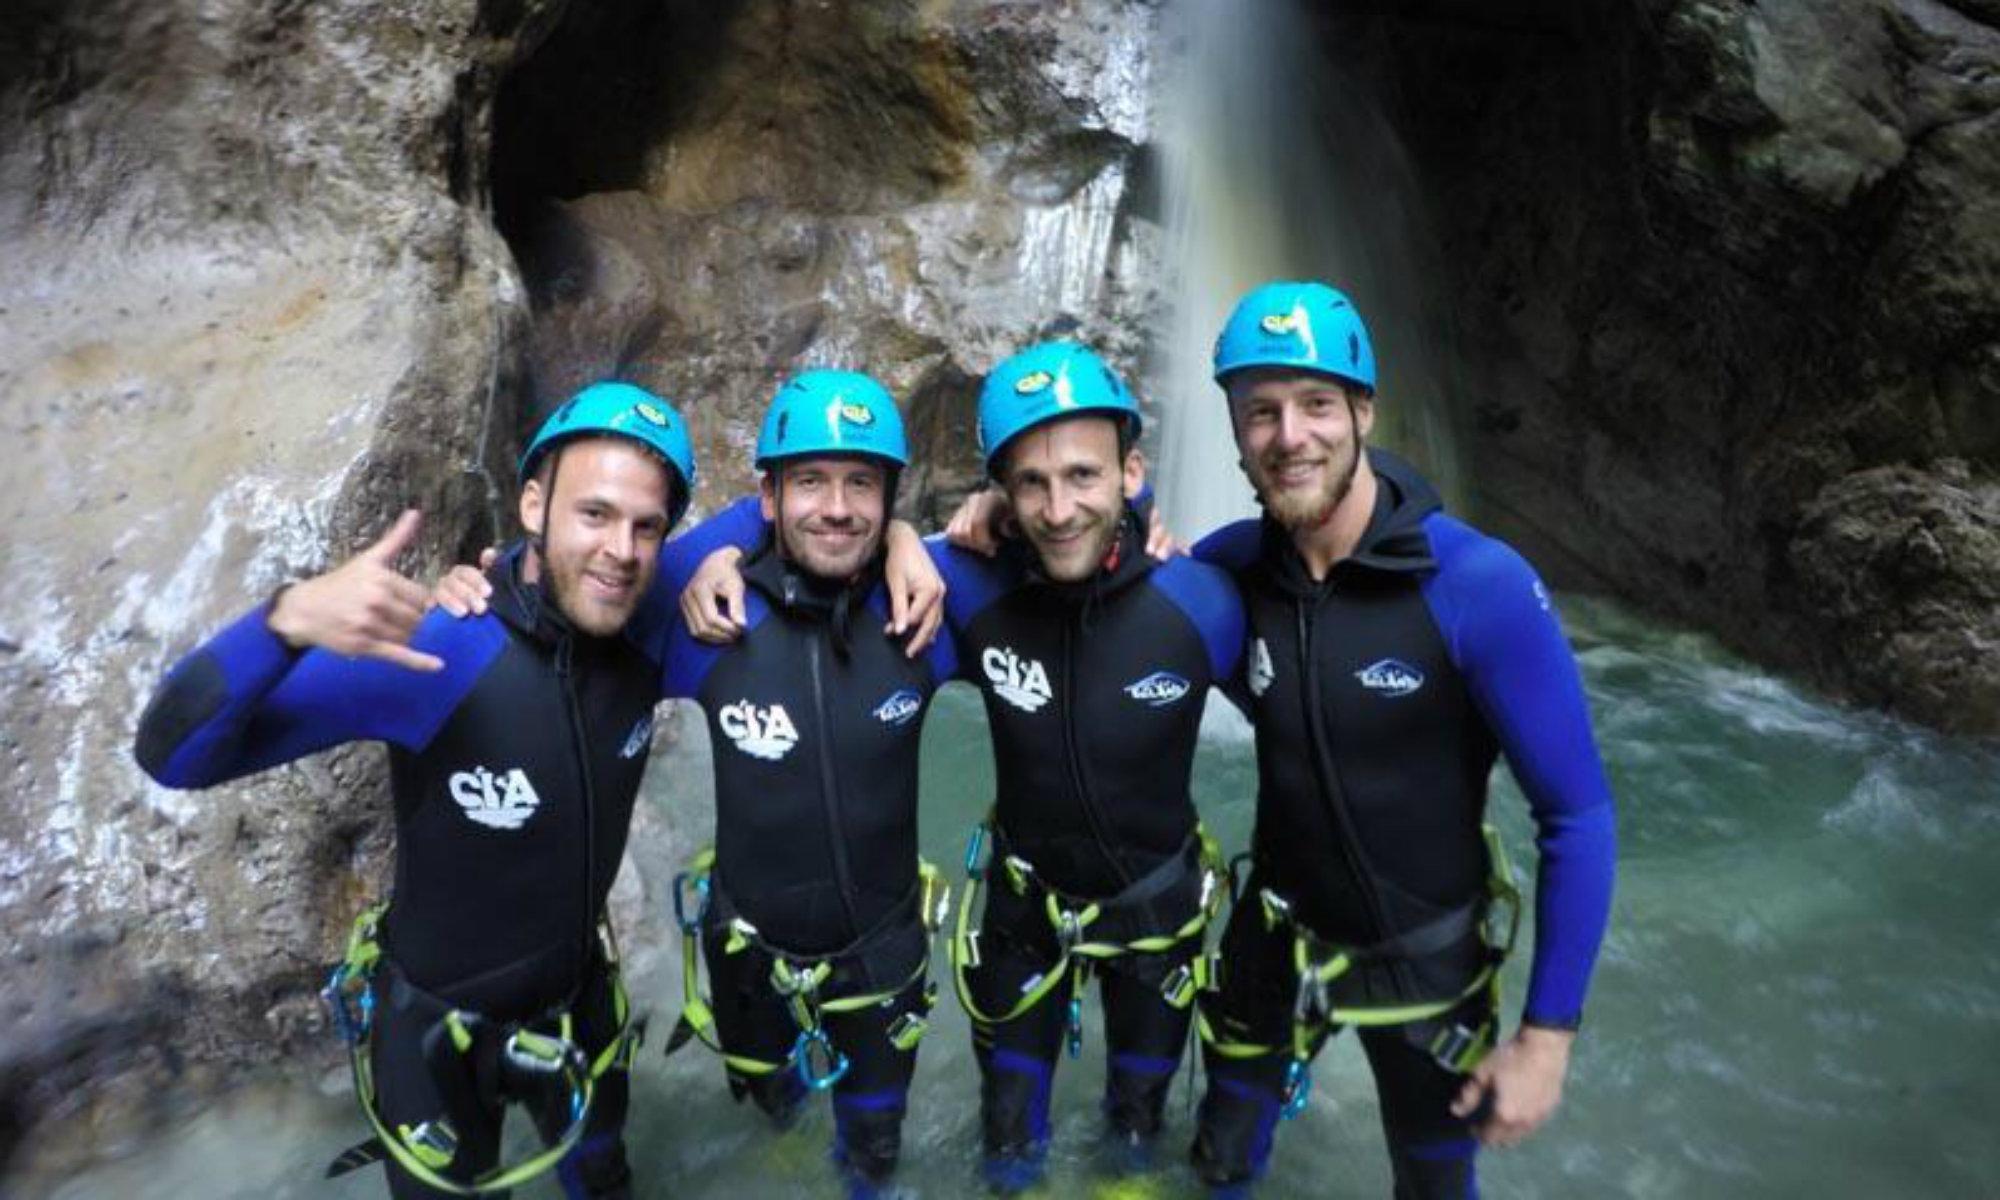 Eine Freundesgruppe beim Canyoning in Tirol in einem Wasserbecken.